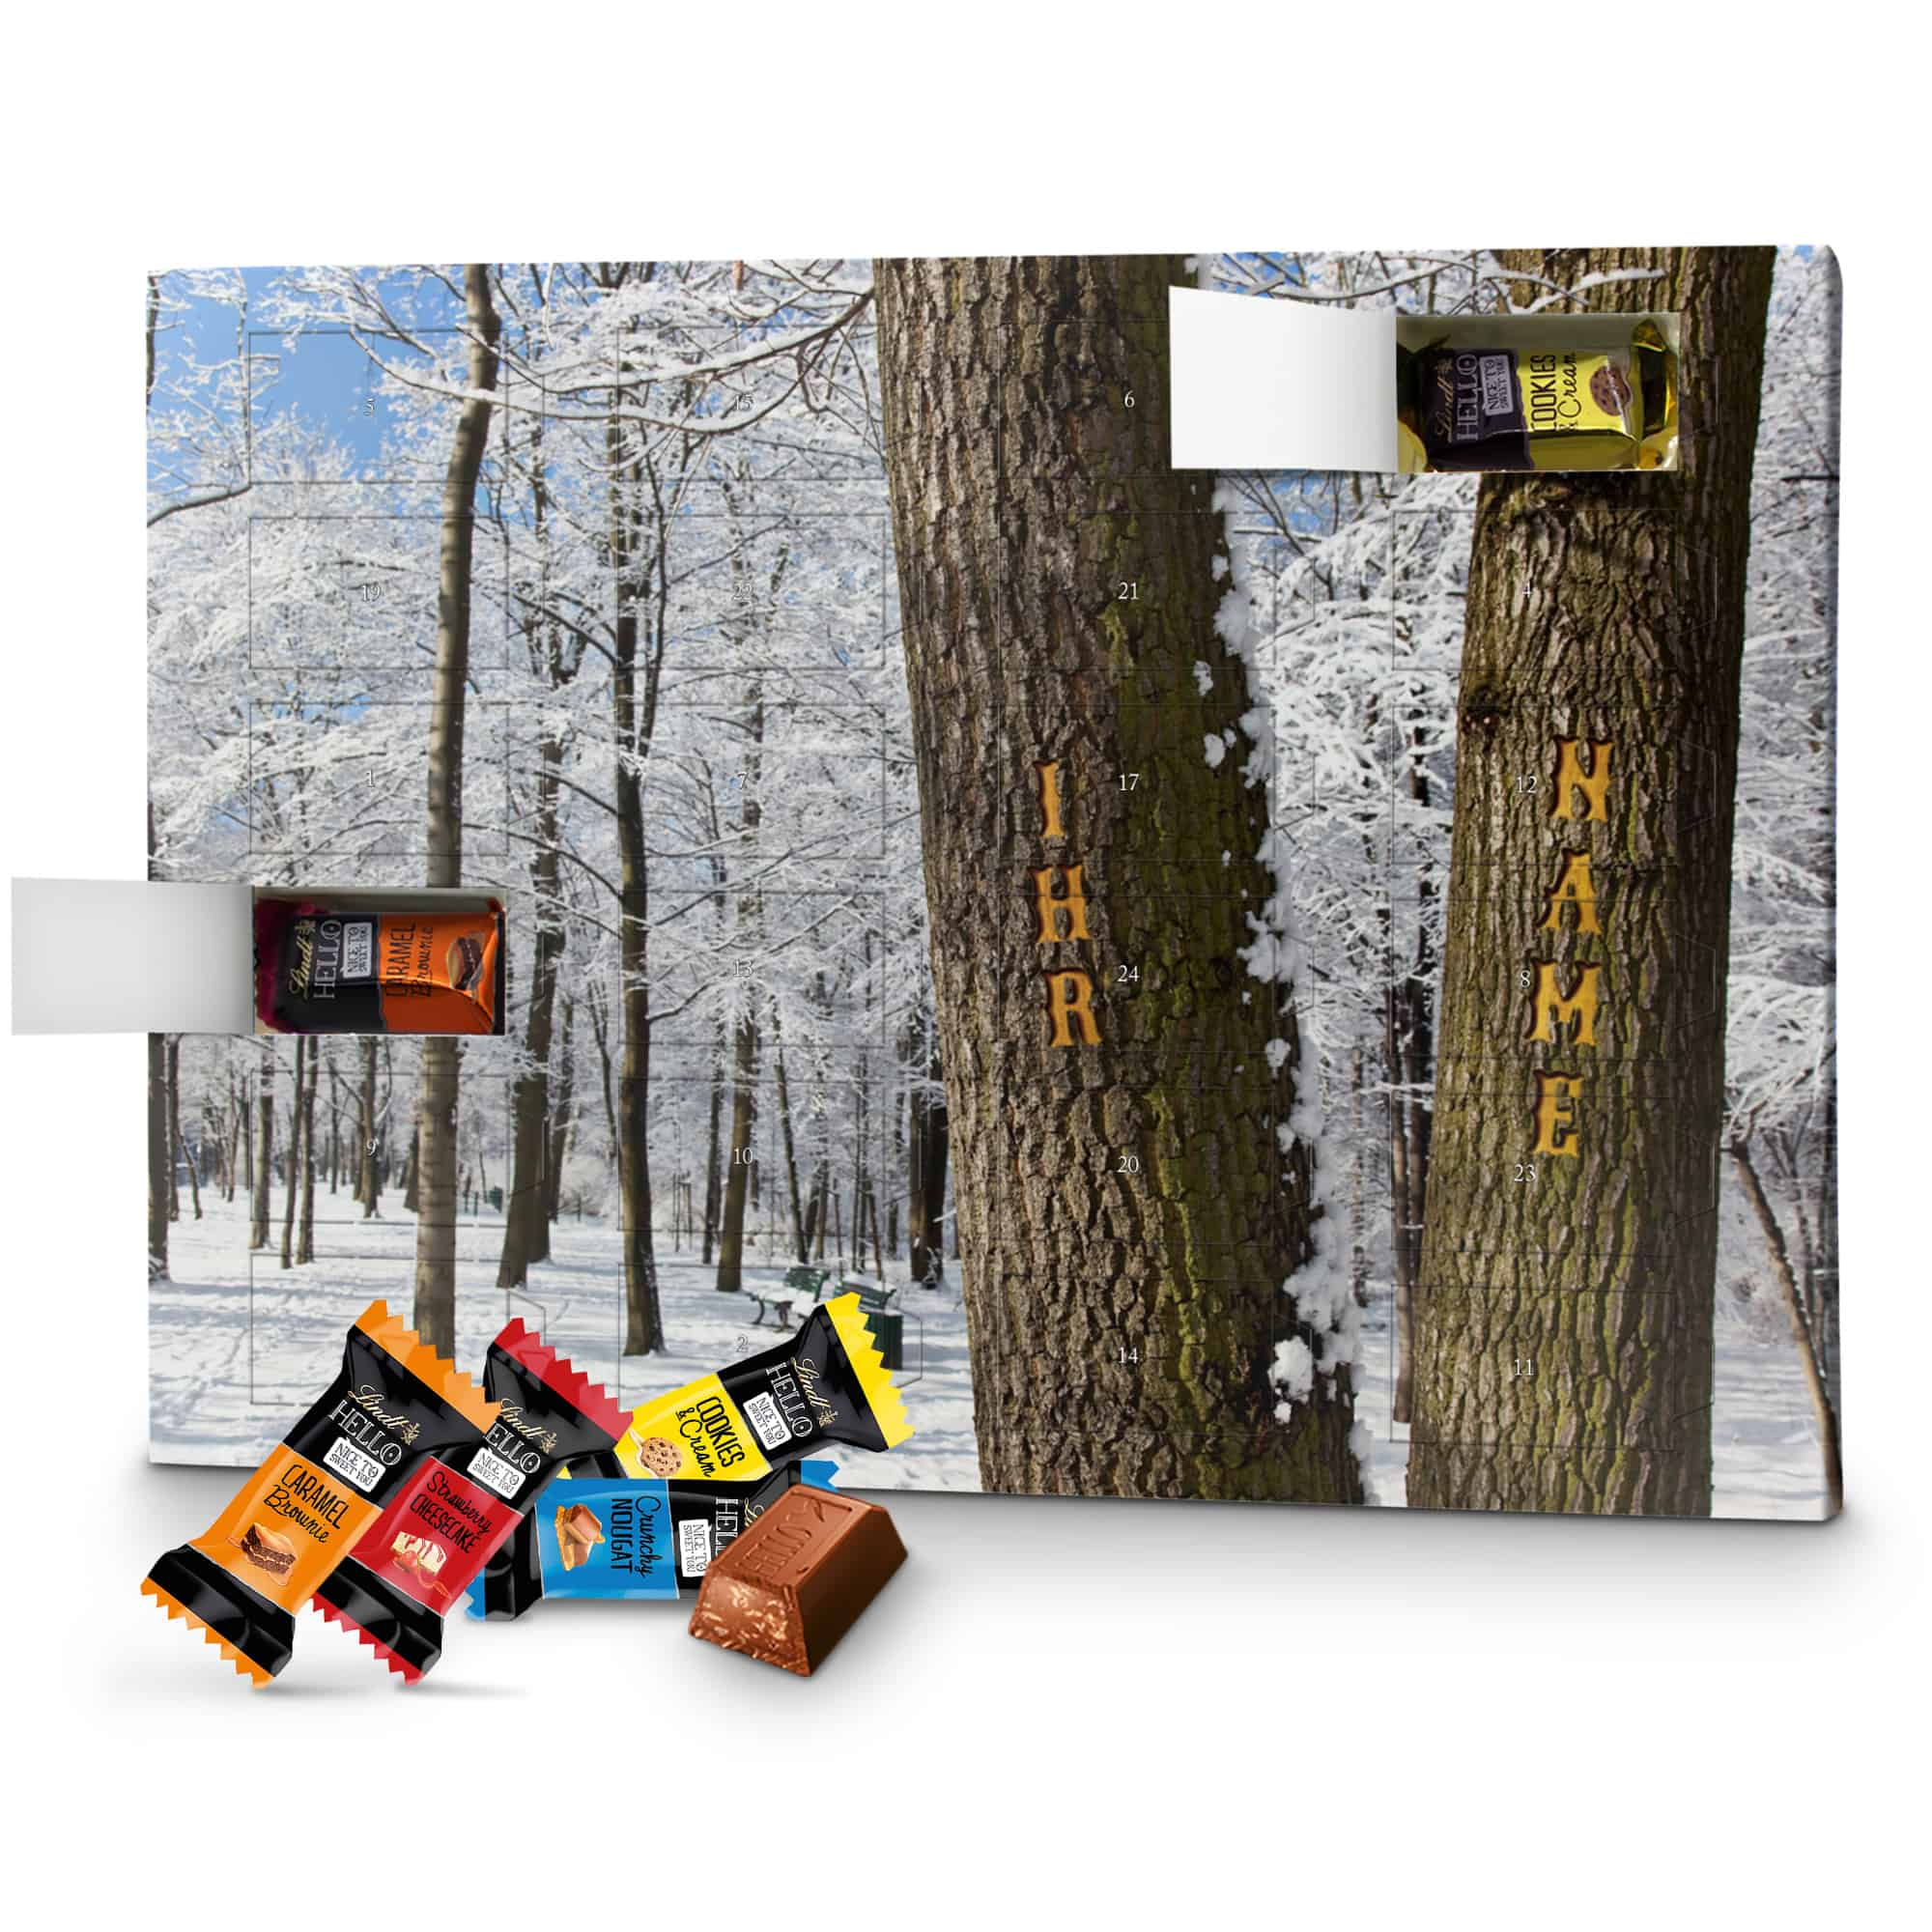 Lindt-Hello-Adventskalender-2493-1_1